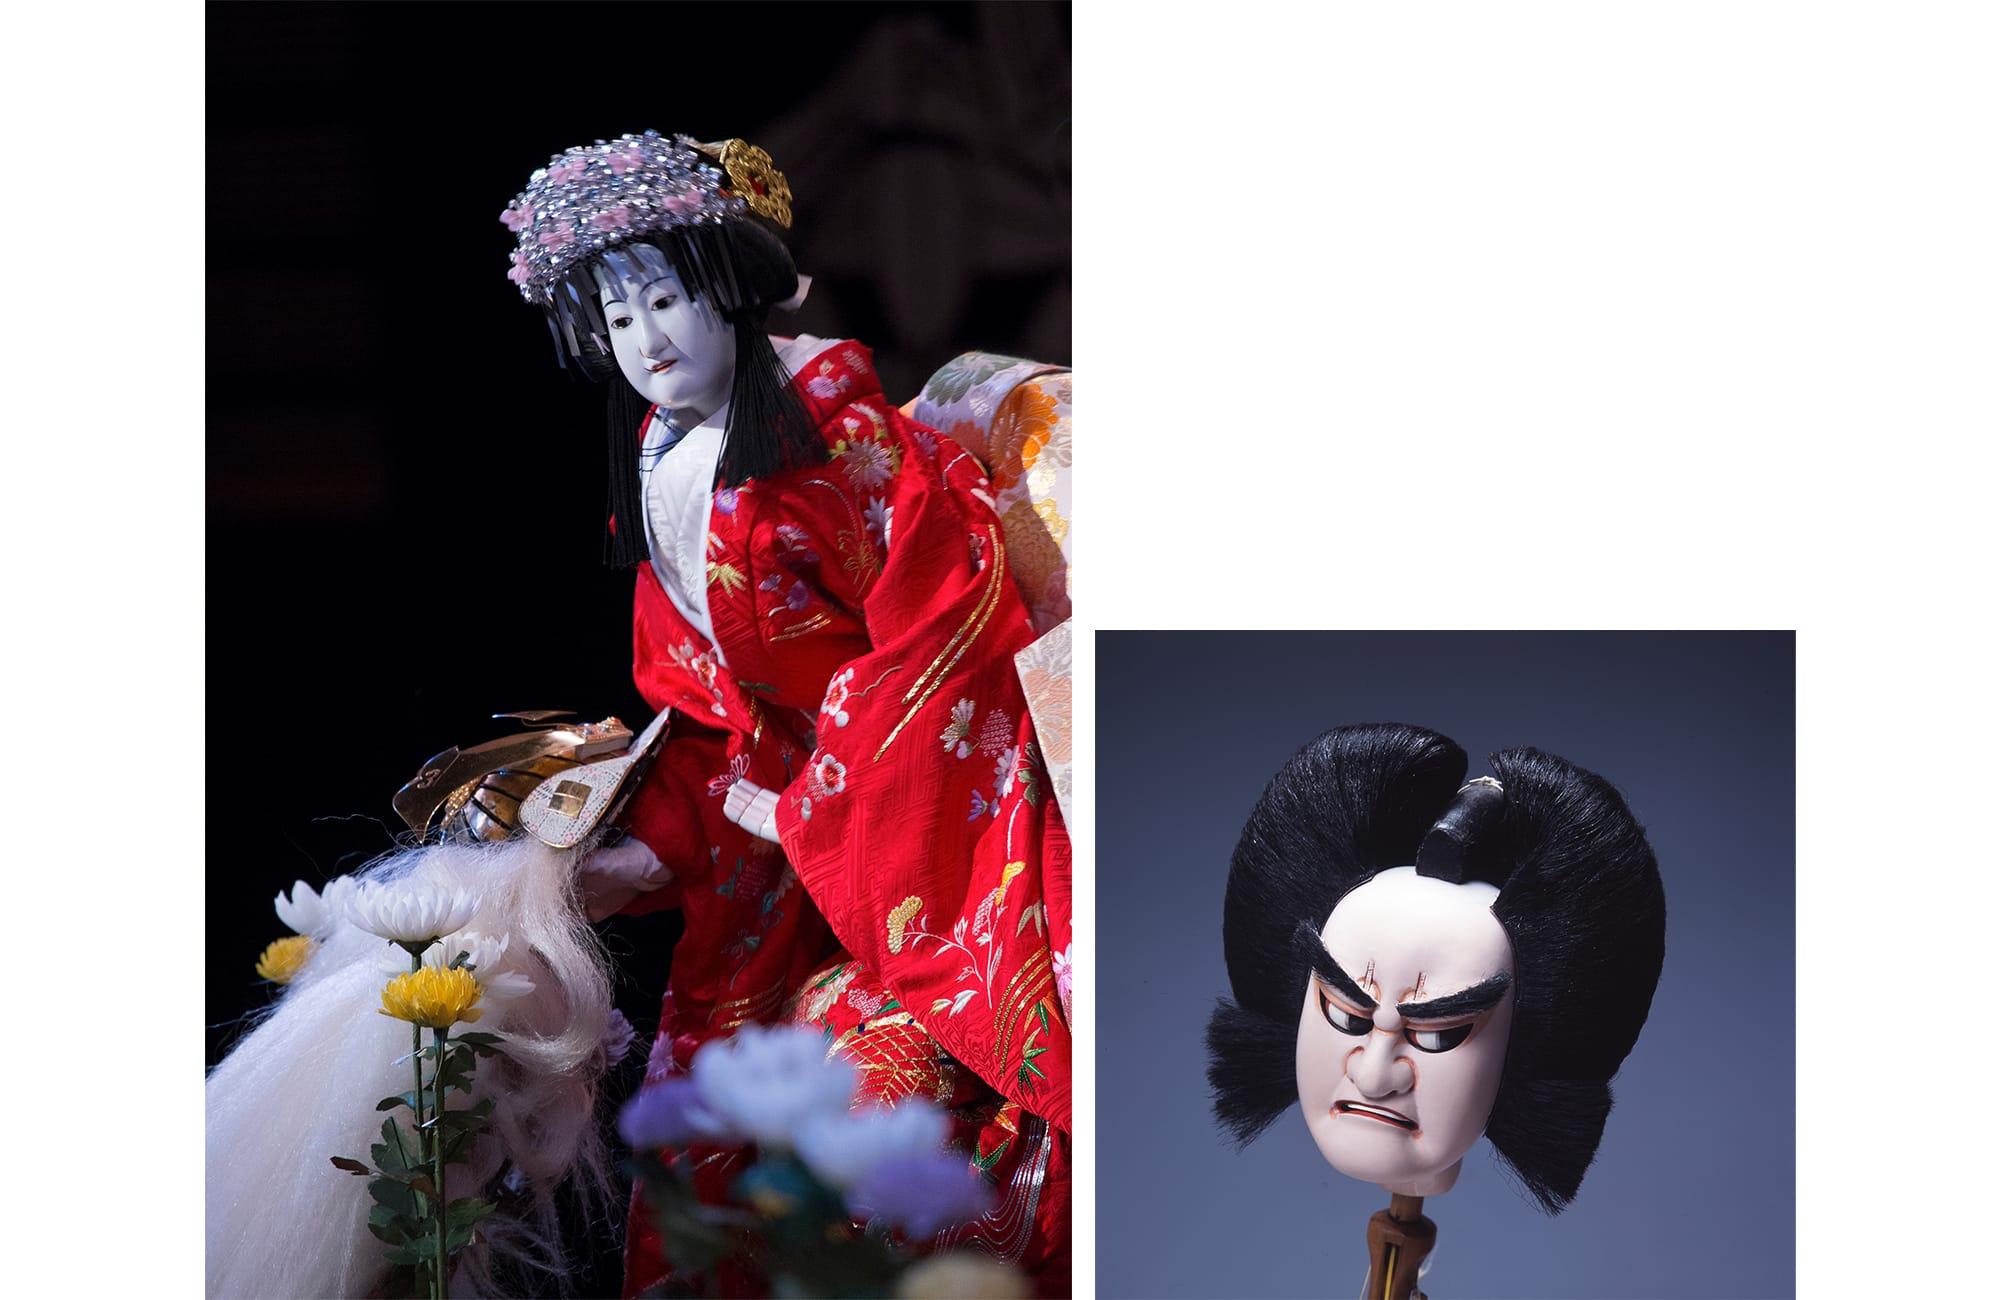 左:文楽「本朝廿四孝」奥庭狐火の段 八重垣姫 右:文楽人形のかしら(文七) 国立文楽劇場蔵